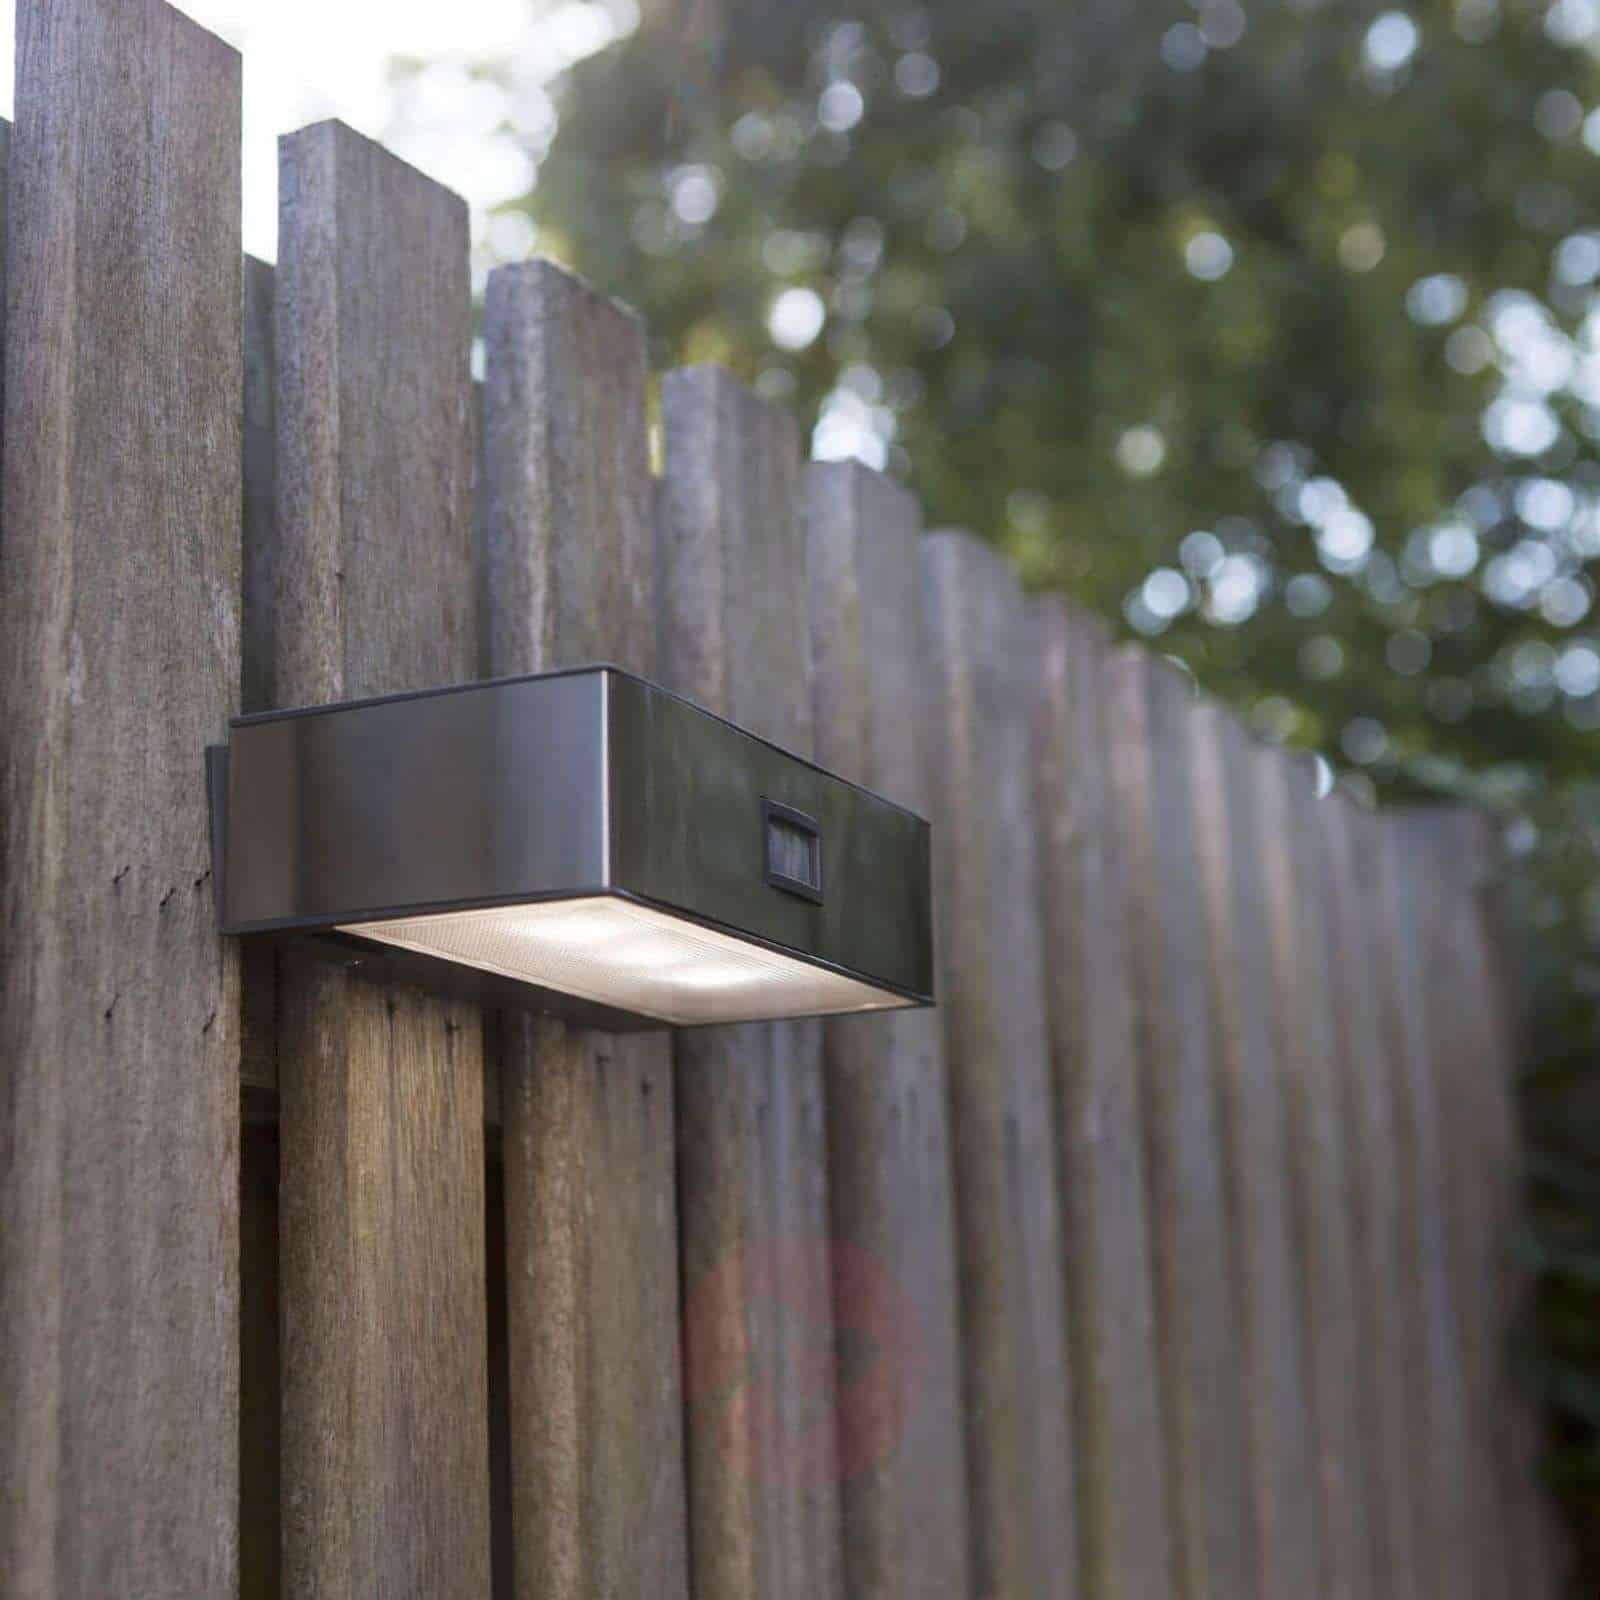 lámpara solar en una valla de madera